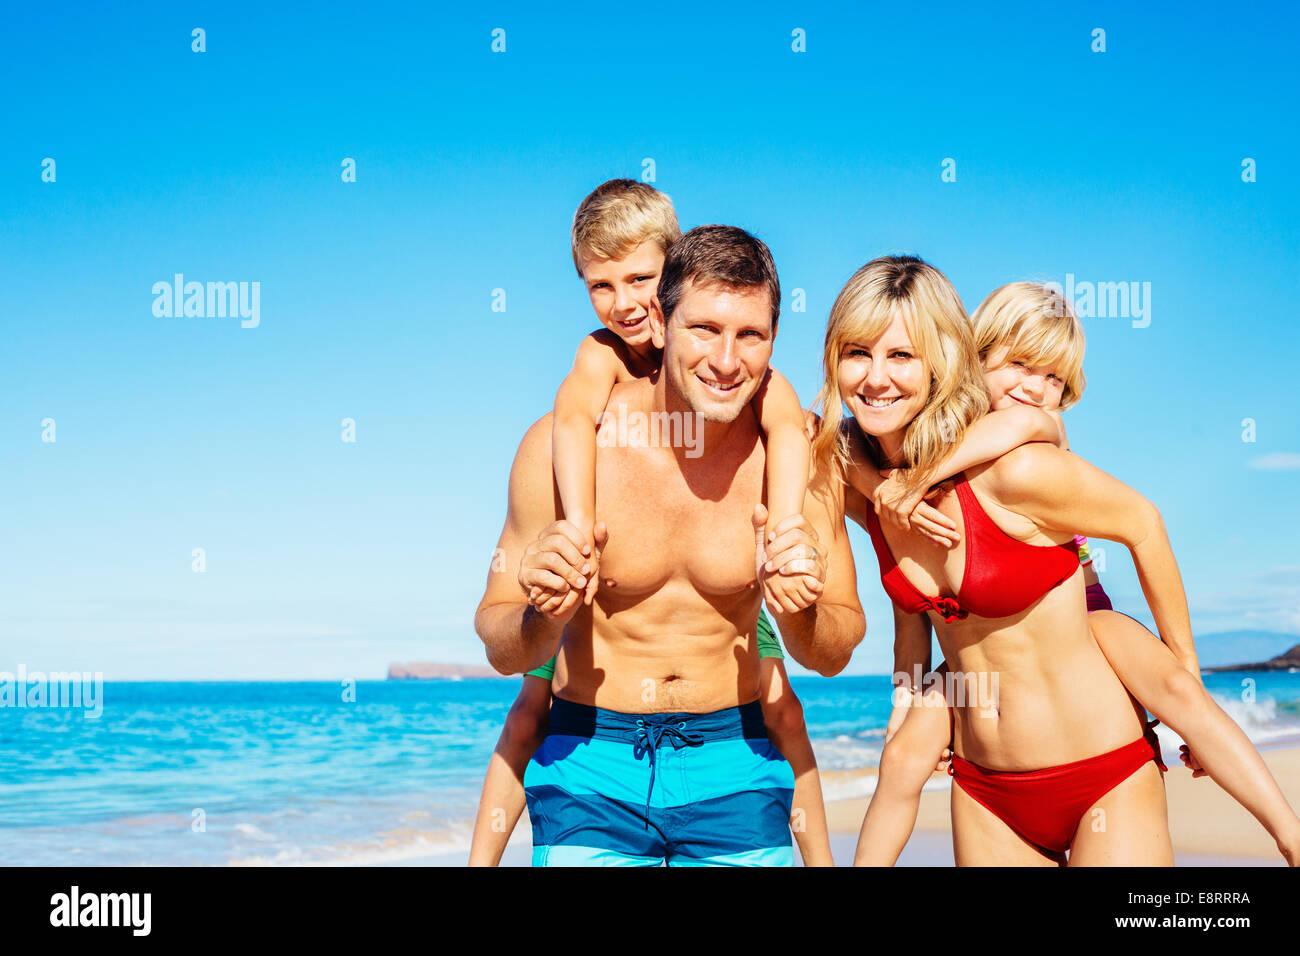 Famille de quatre personnes s'amusant sur la plage tropicale à Hawaï Photo Stock